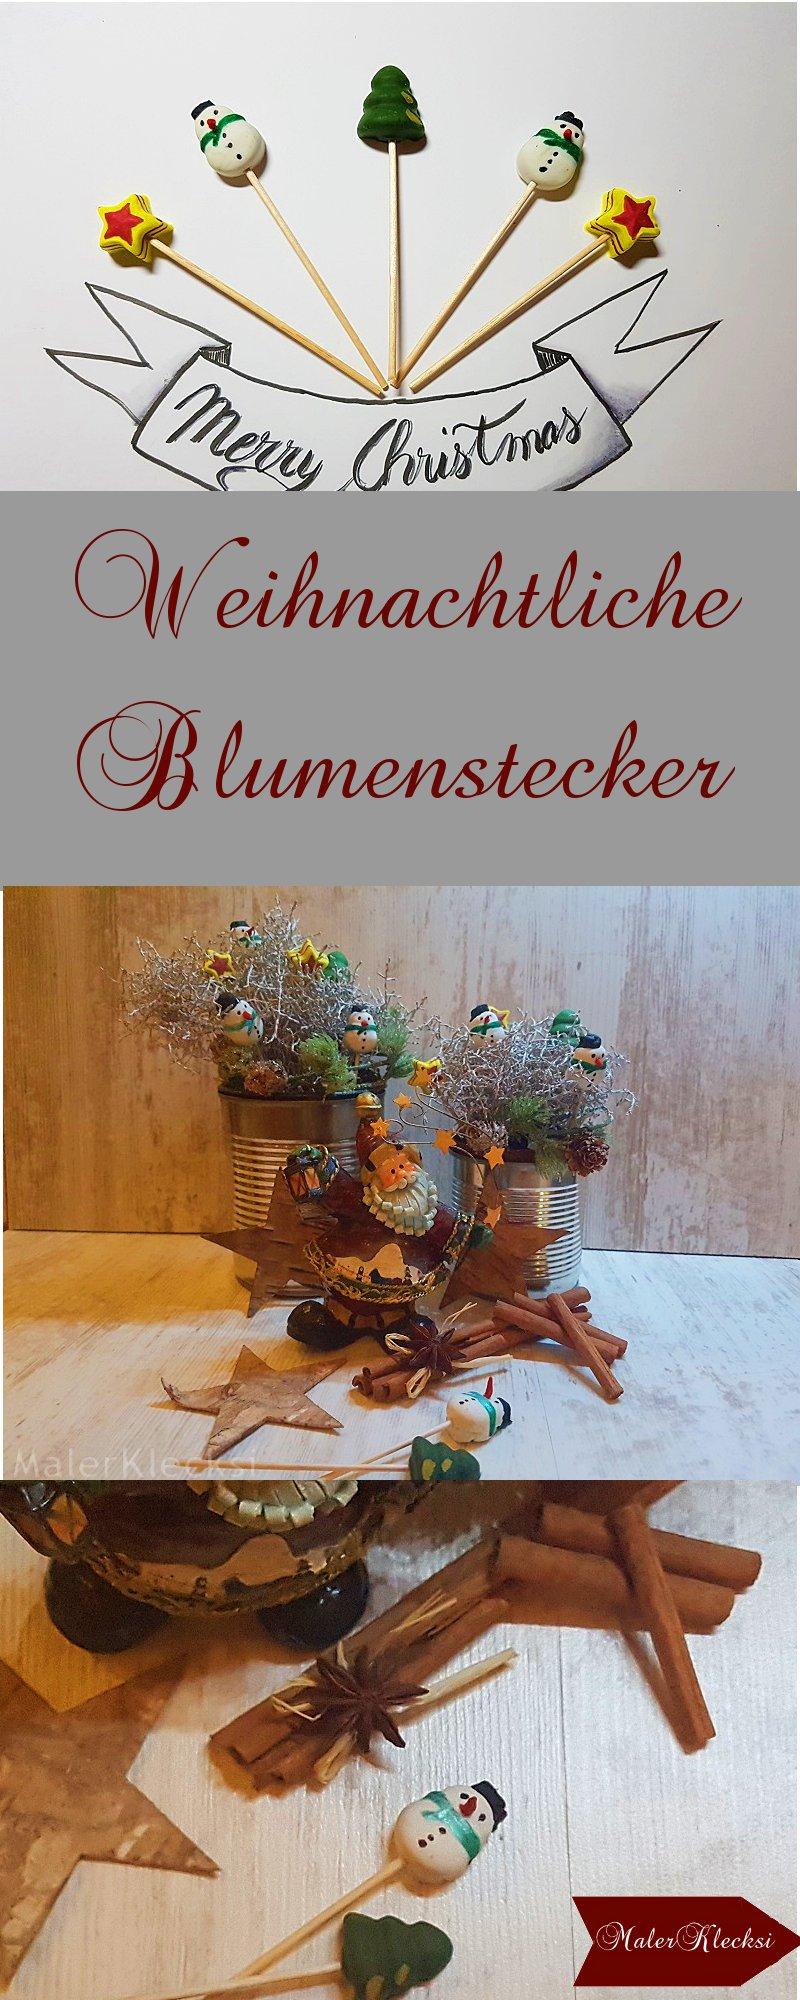 Weihnachtliche-Blumenstecker-aus-Kaltporzellan